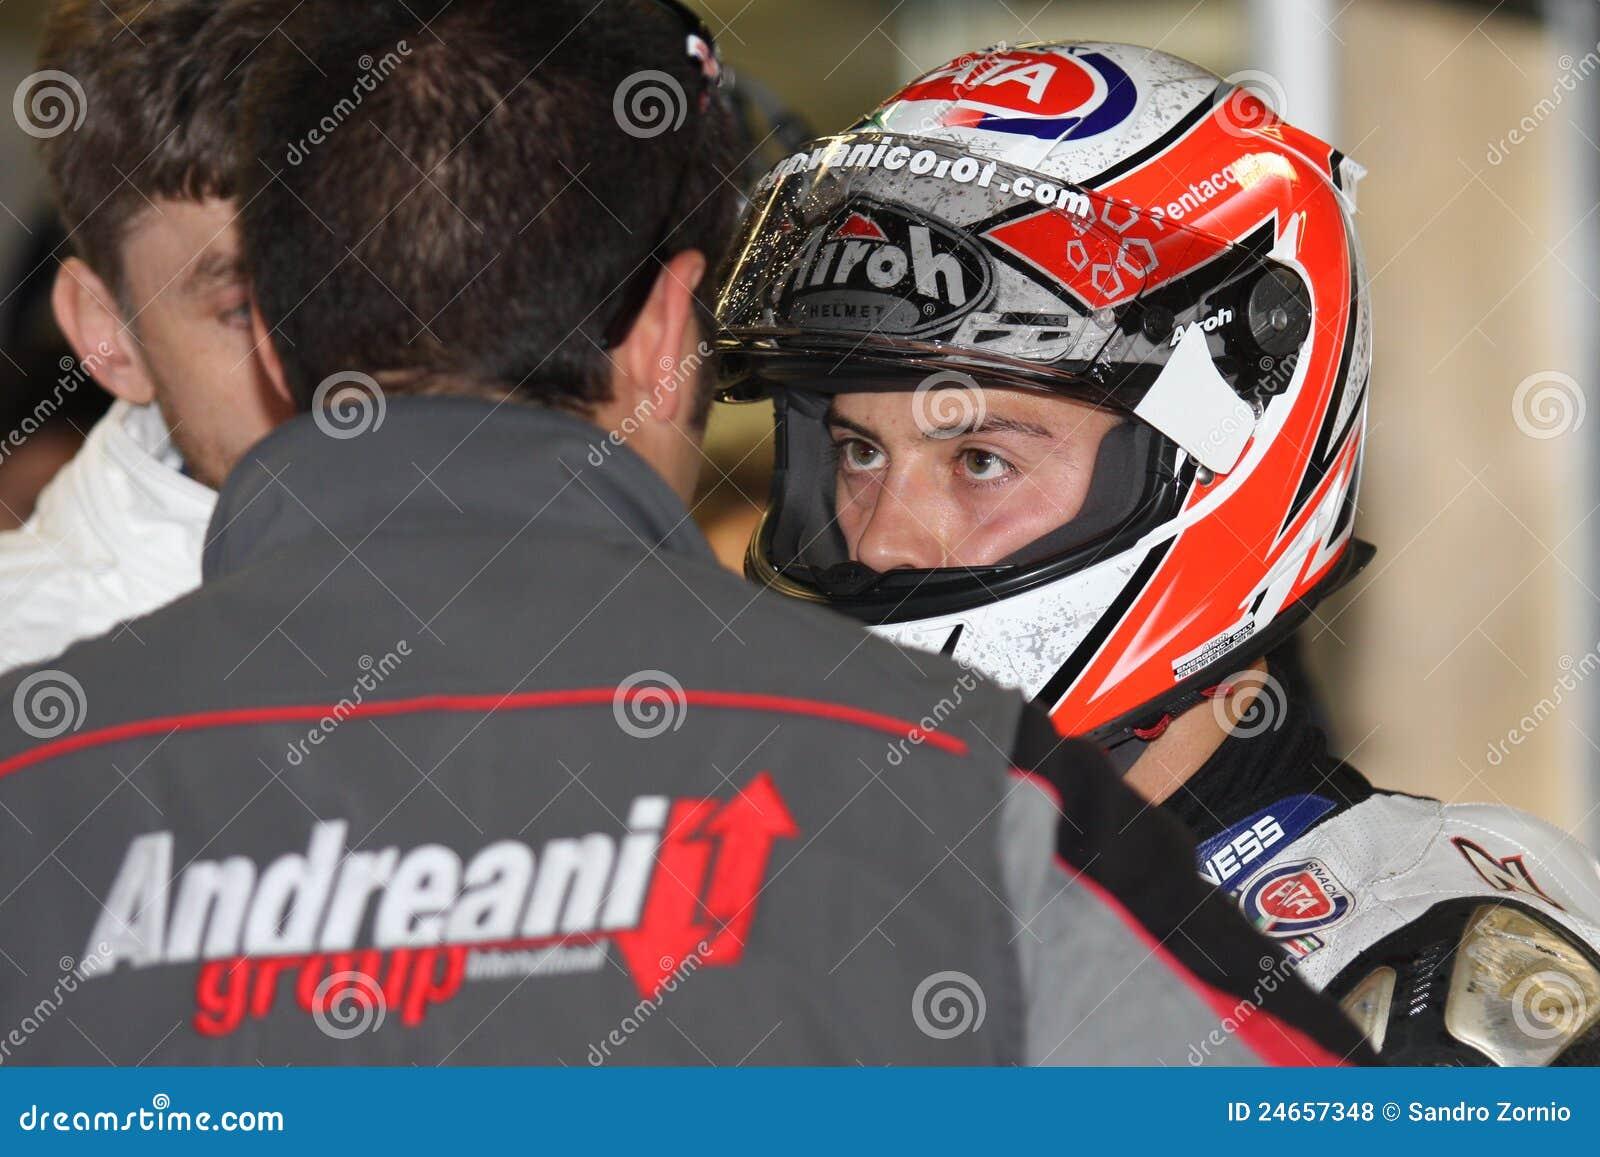 Lorenzo Zanetti - Ducati 1098R - PATA che corre squadra